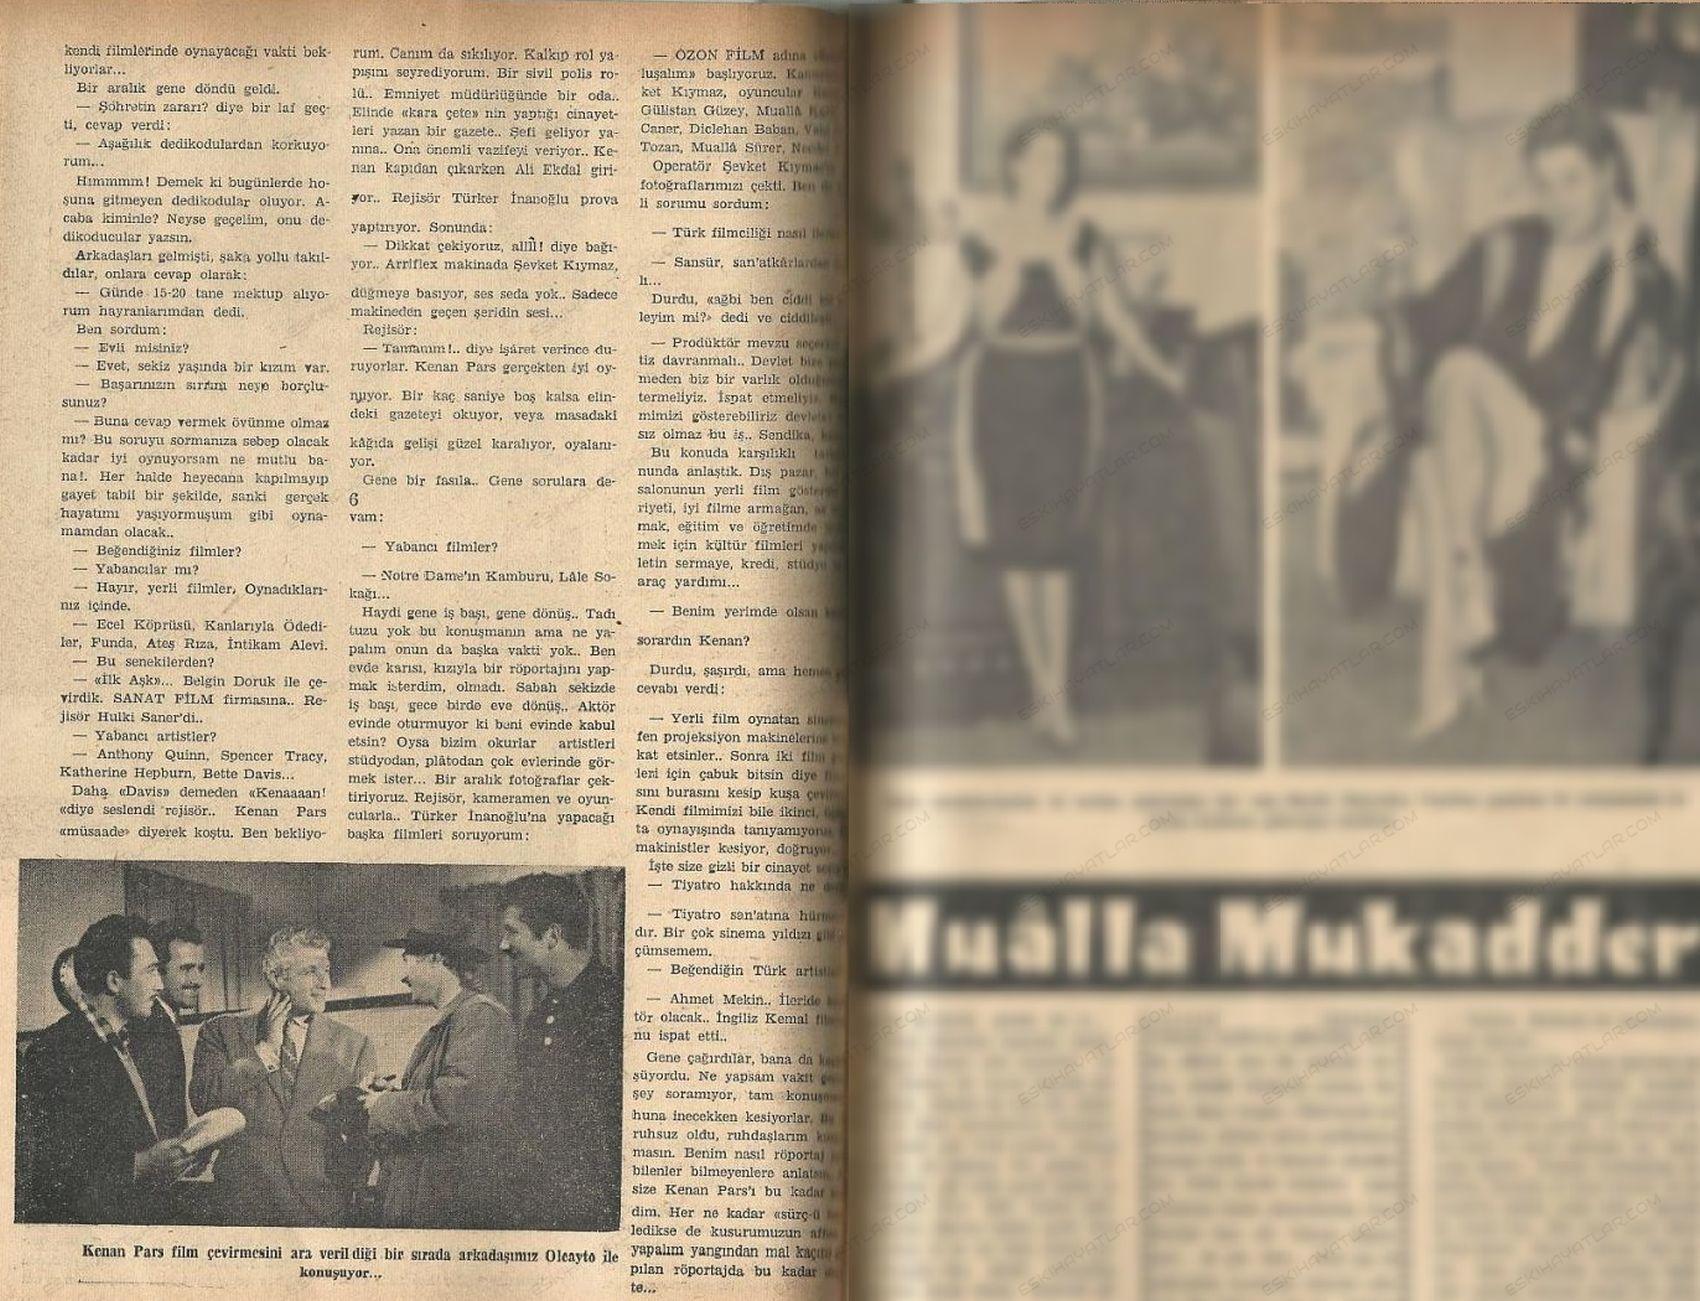 0171-kenan-pars-kimdir-kirkor-cezveciyan-1960-artist-dergisi-turk-sinemasi-jonleri (5)